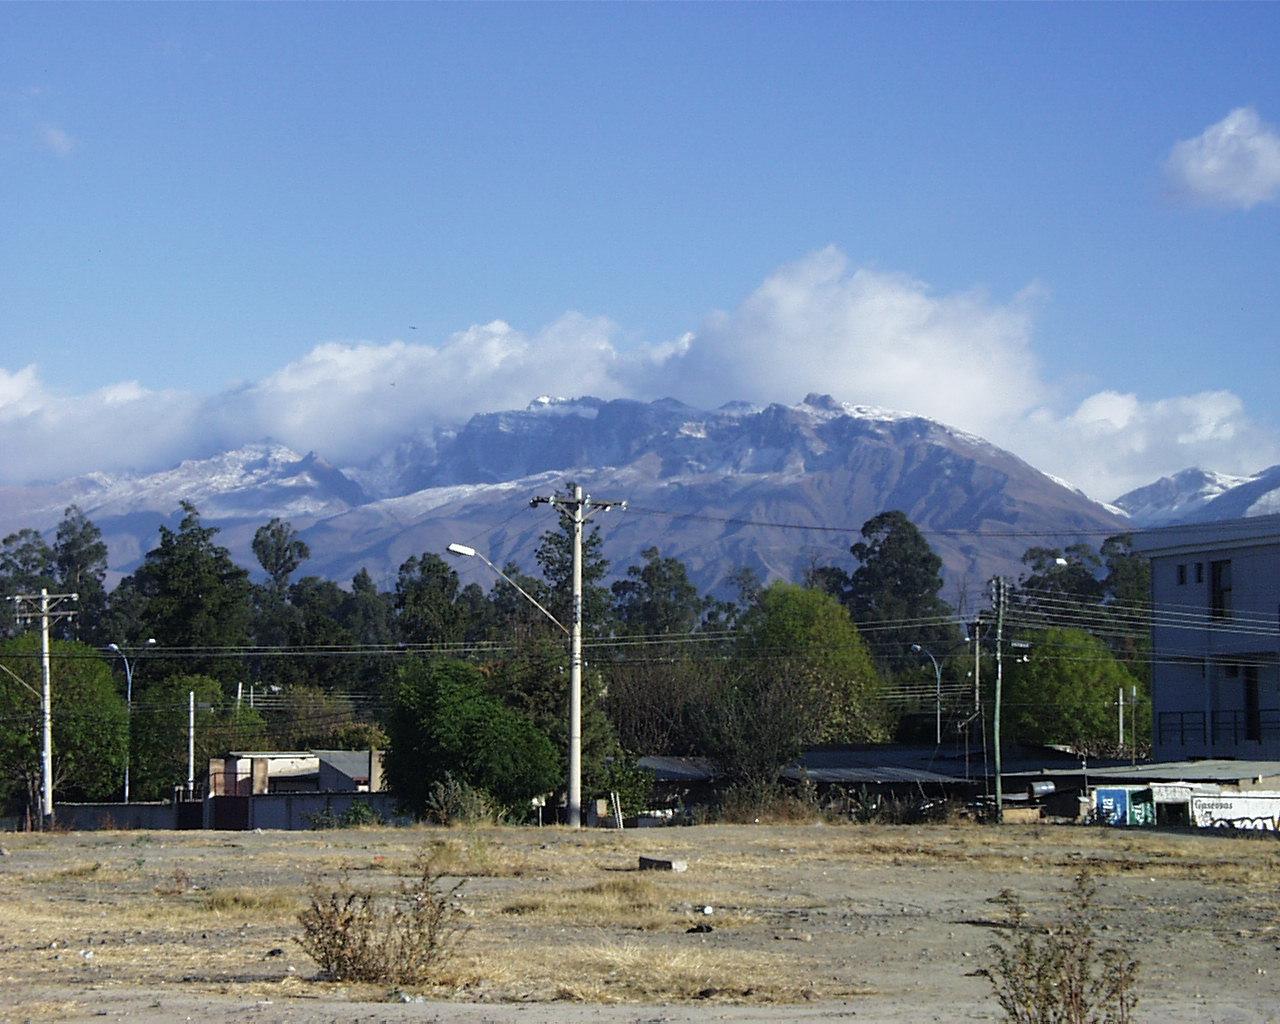 Guest Writer: The Farja Climbs Mt Tunari